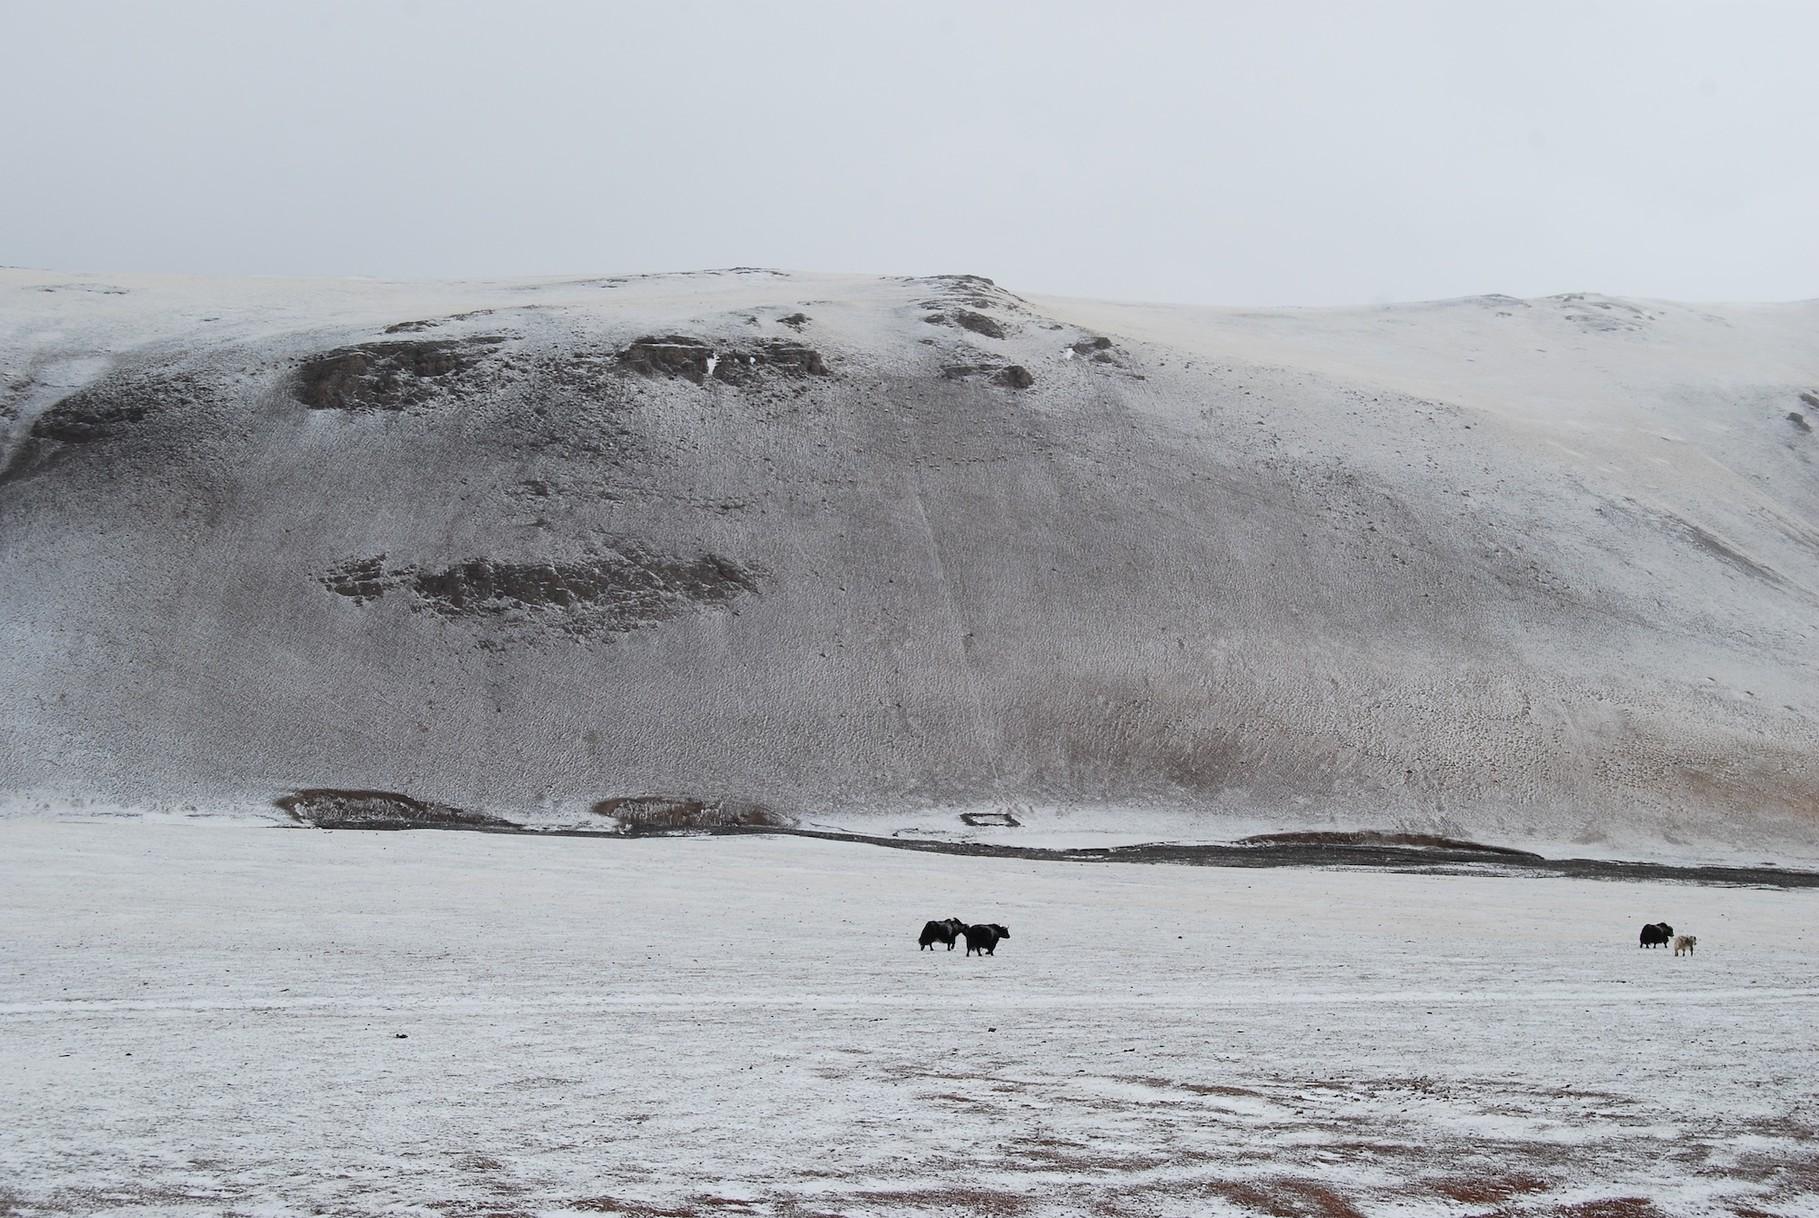 Yaks im Schneesturm